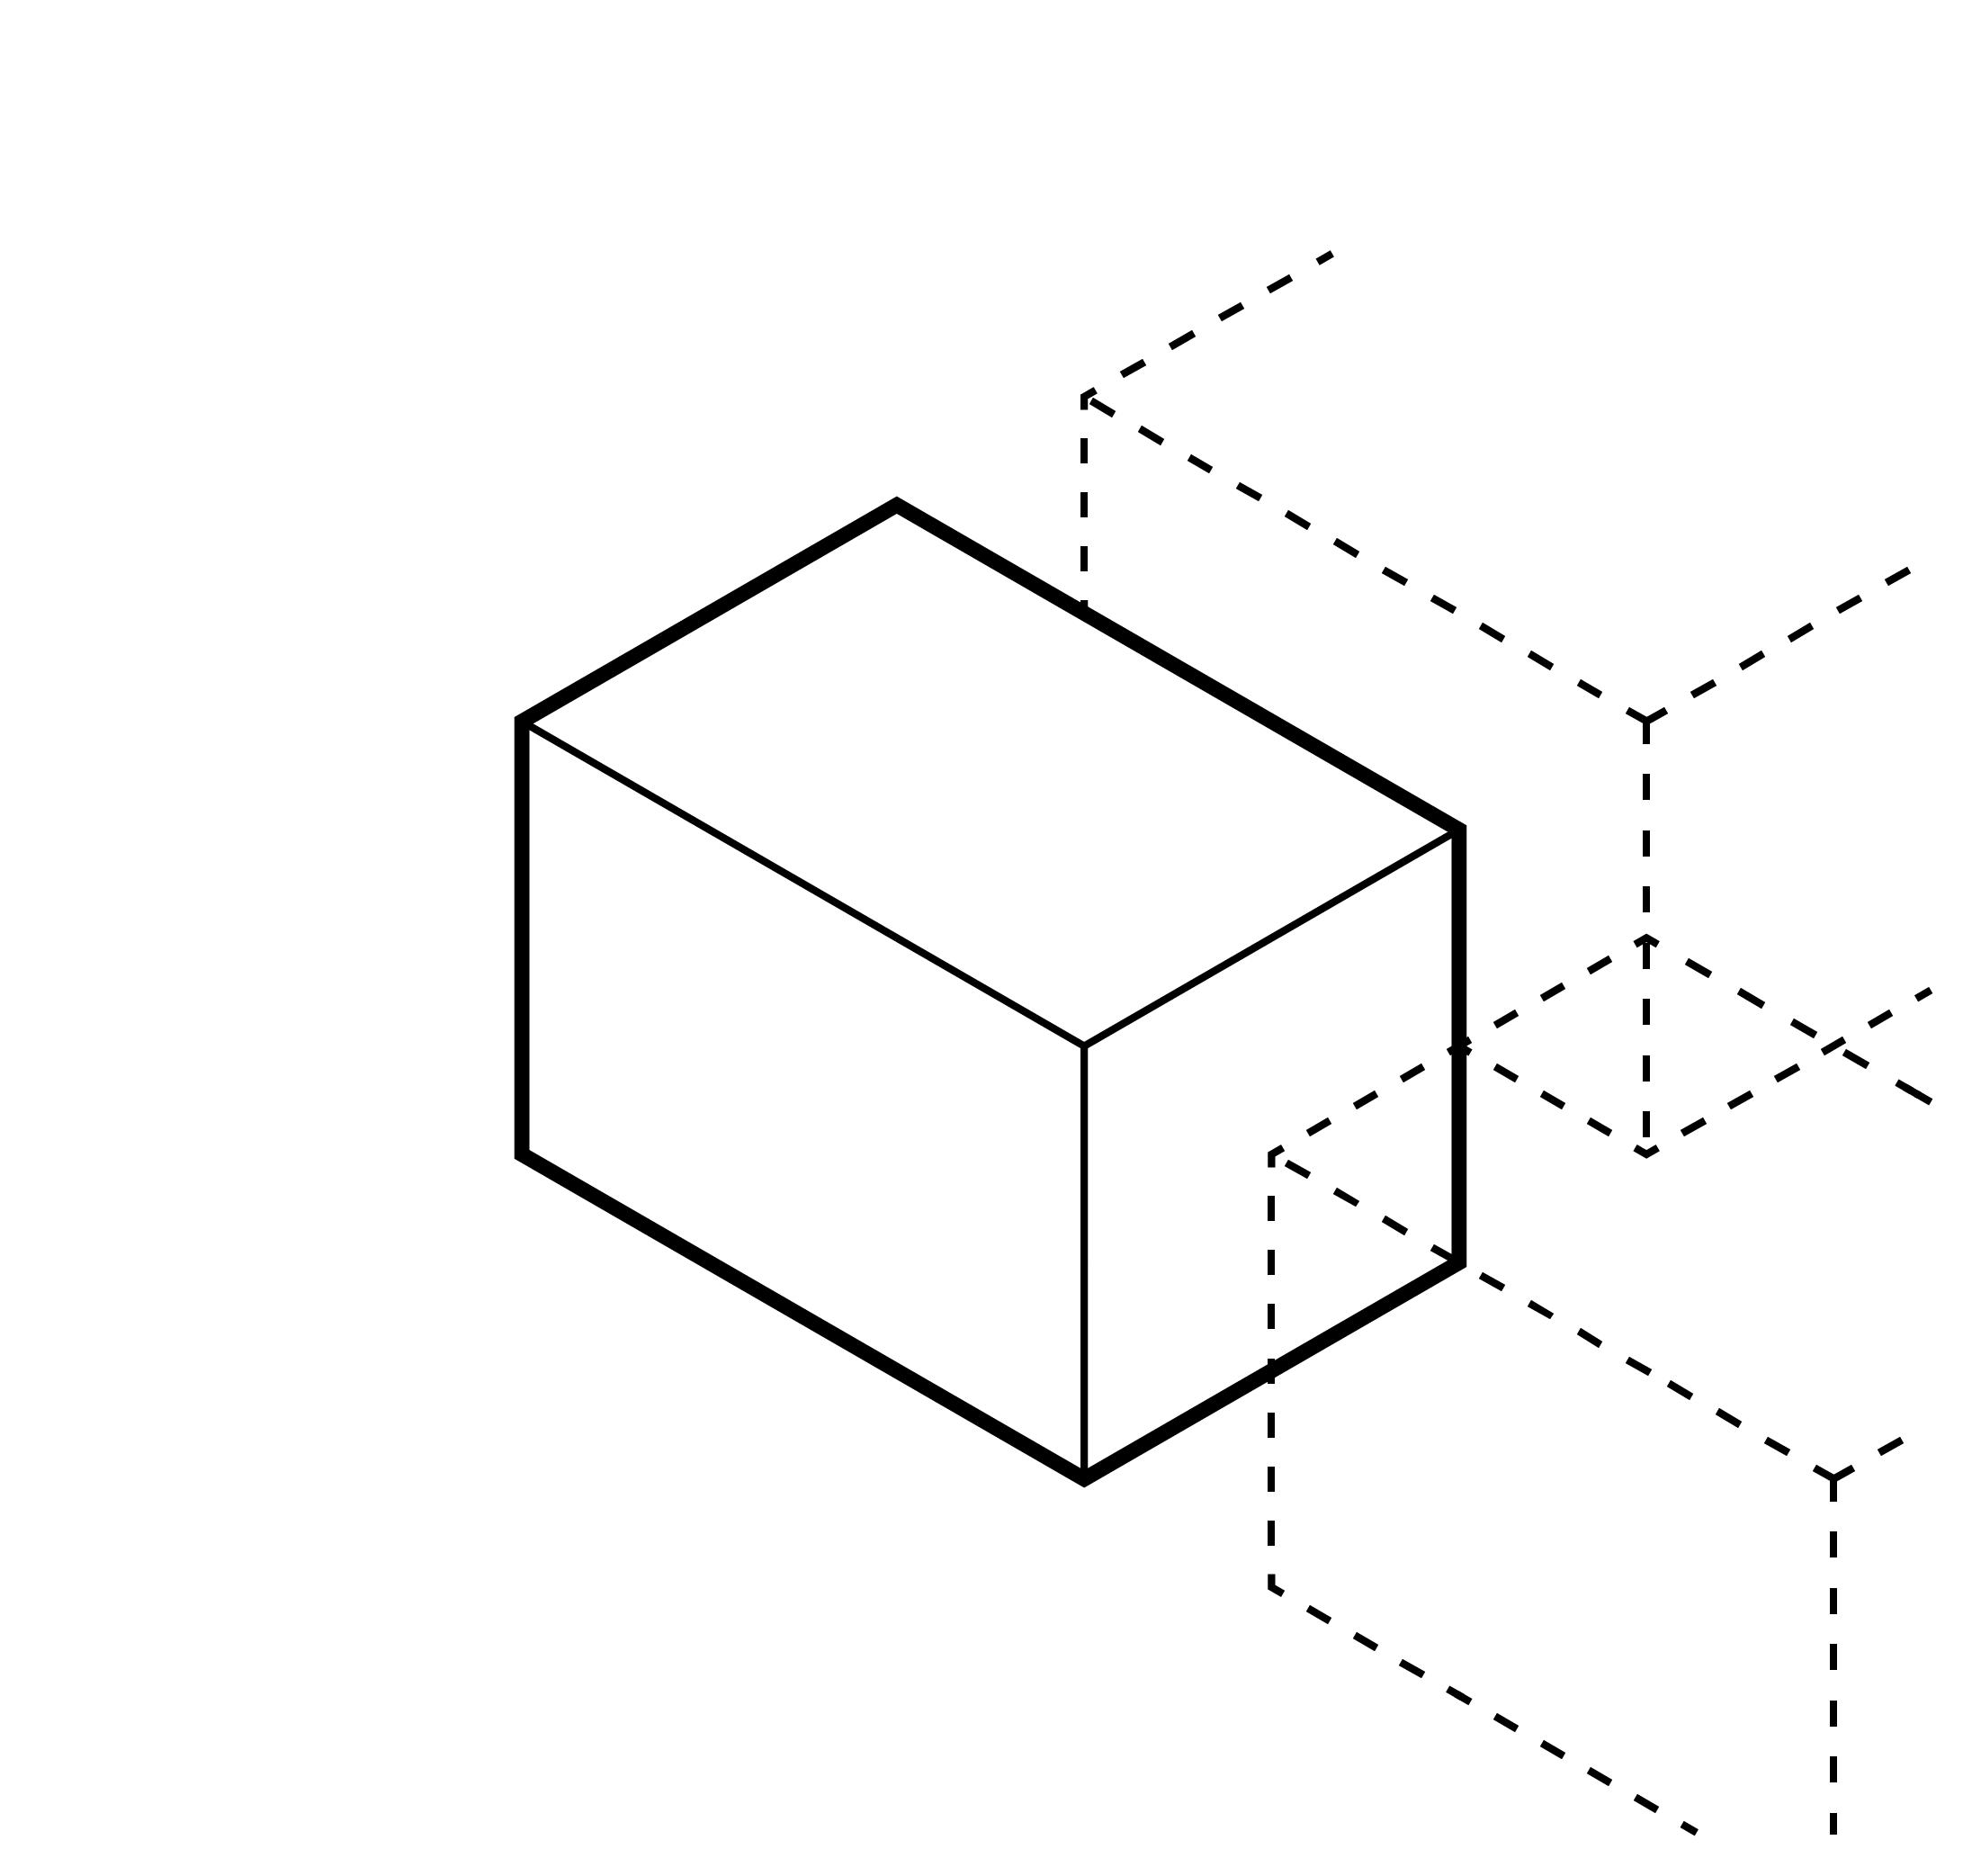 20181109_CS Sketching-02.png